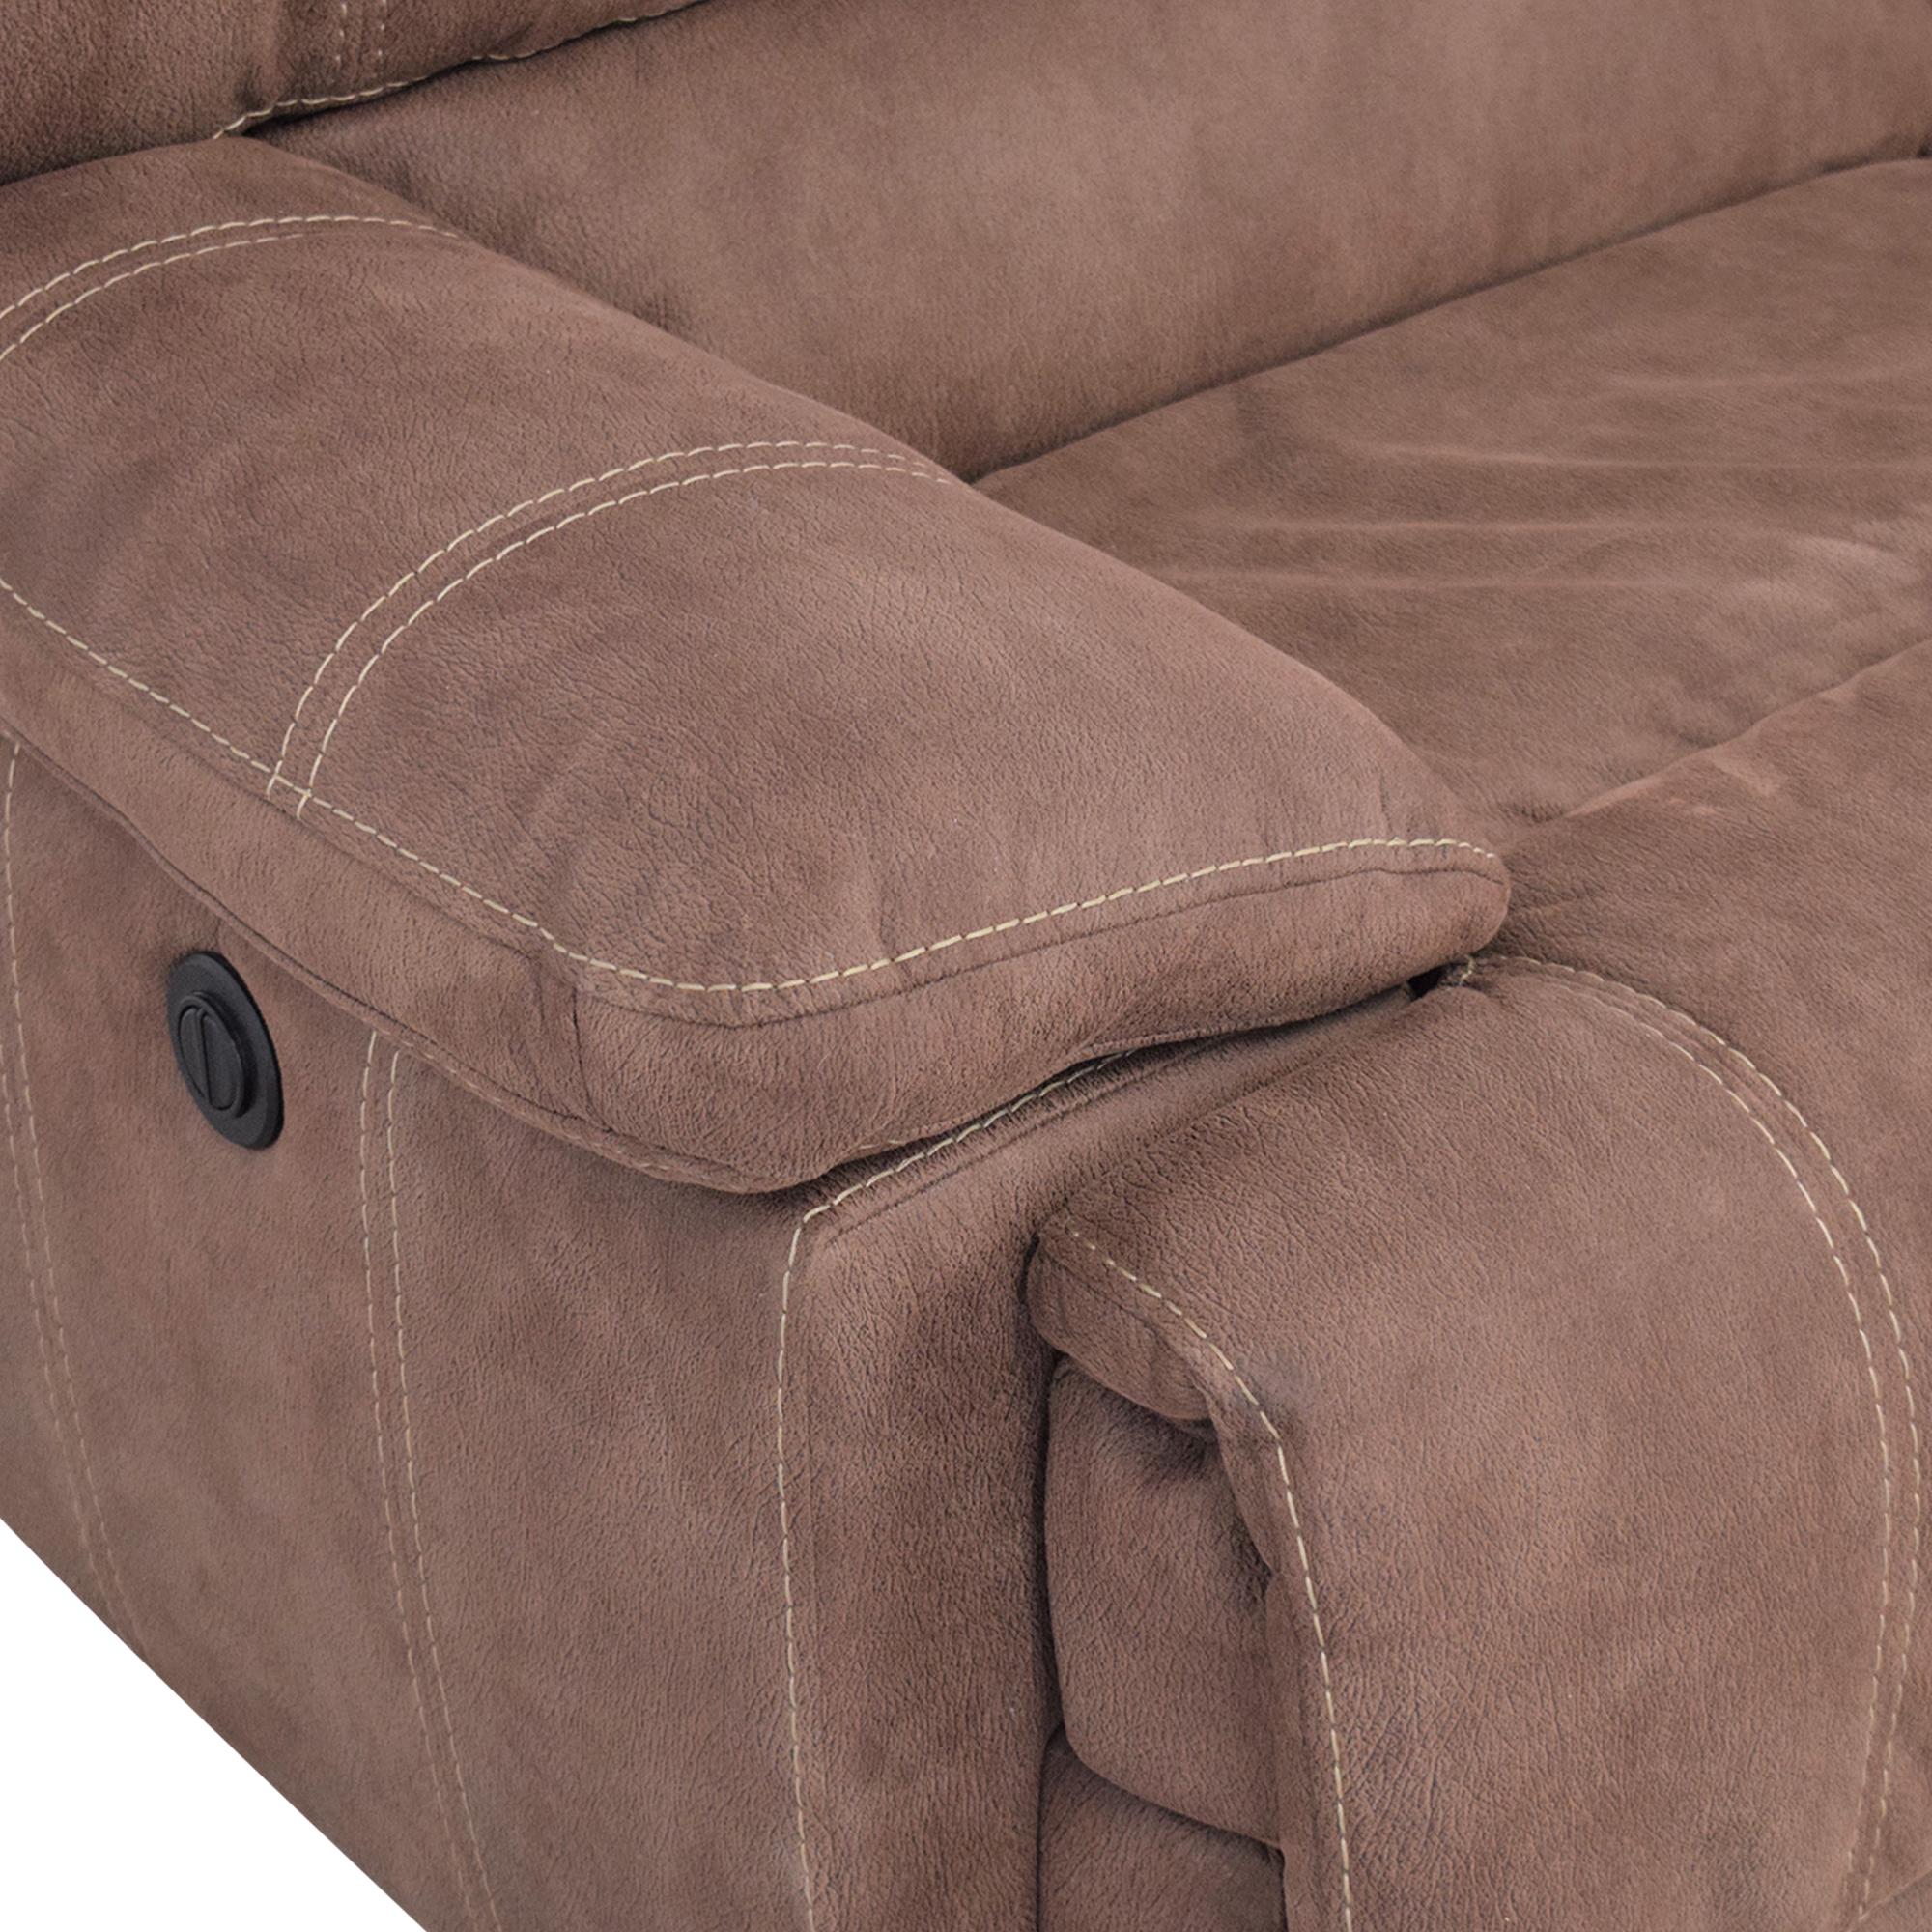 Macy's Macy's Three Cushion Reclining Sofa used